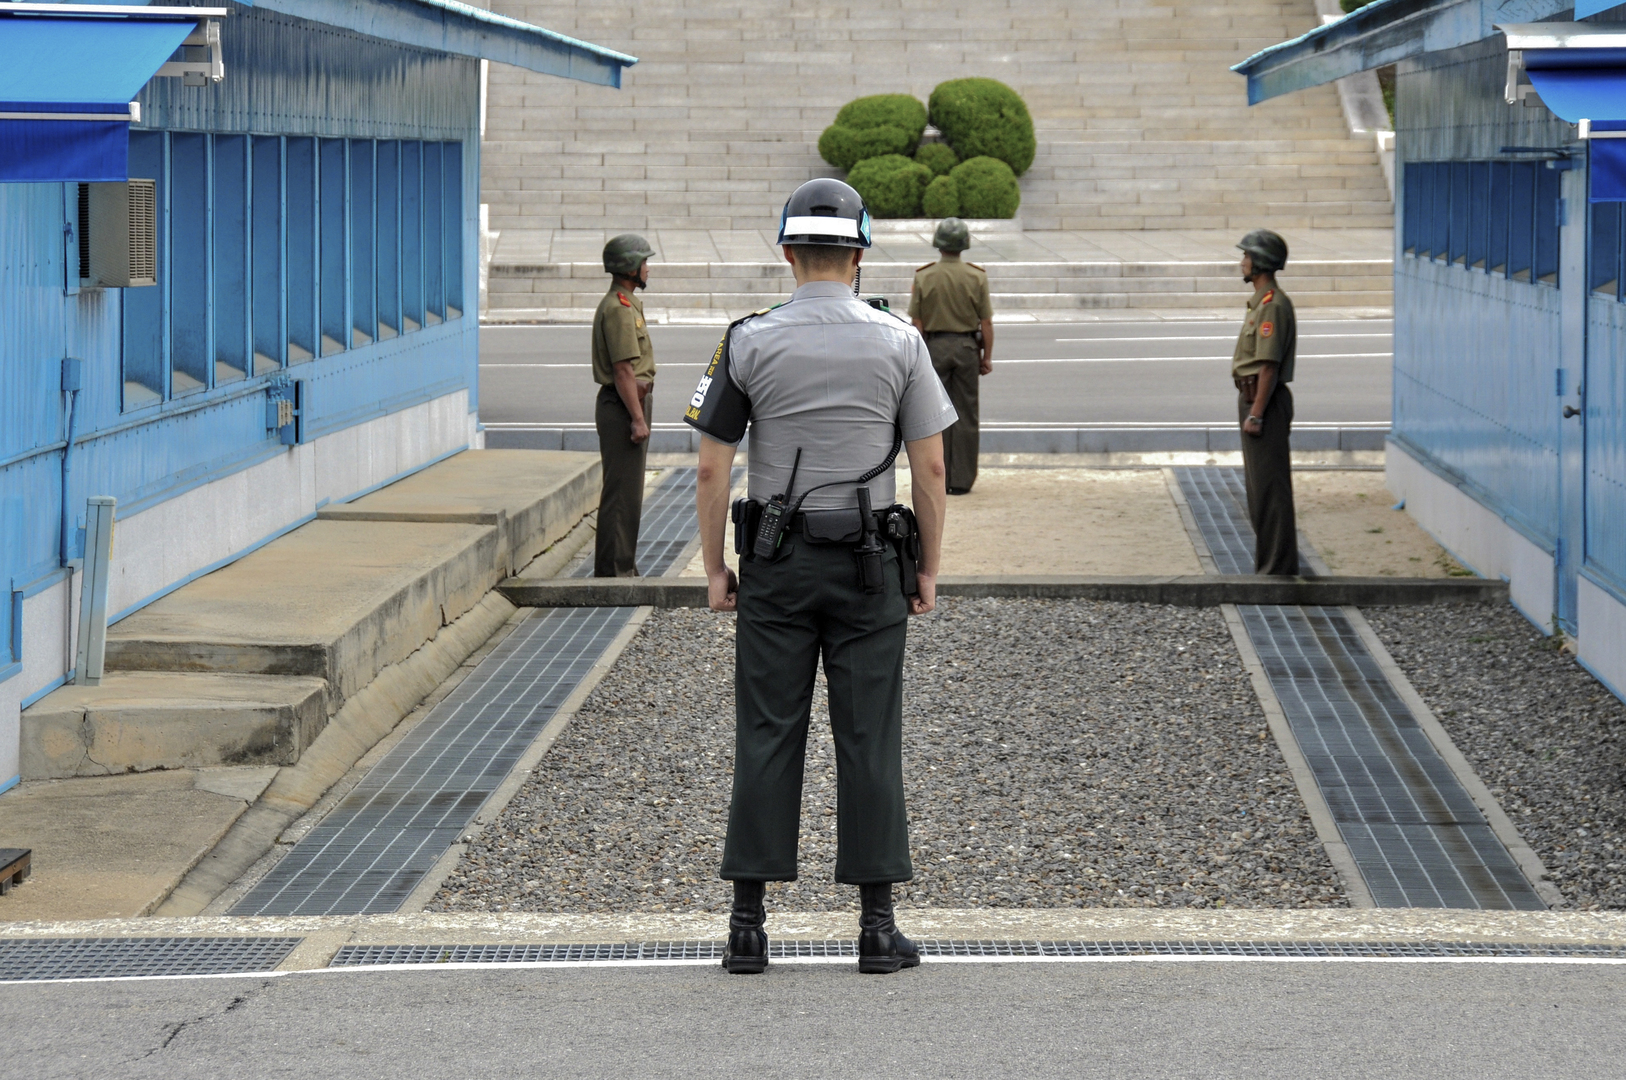 حديث كوري جنوبي عن حوافز لكوريا الشمالية وسعي لتحويل الهدنة إلى سلام دائم